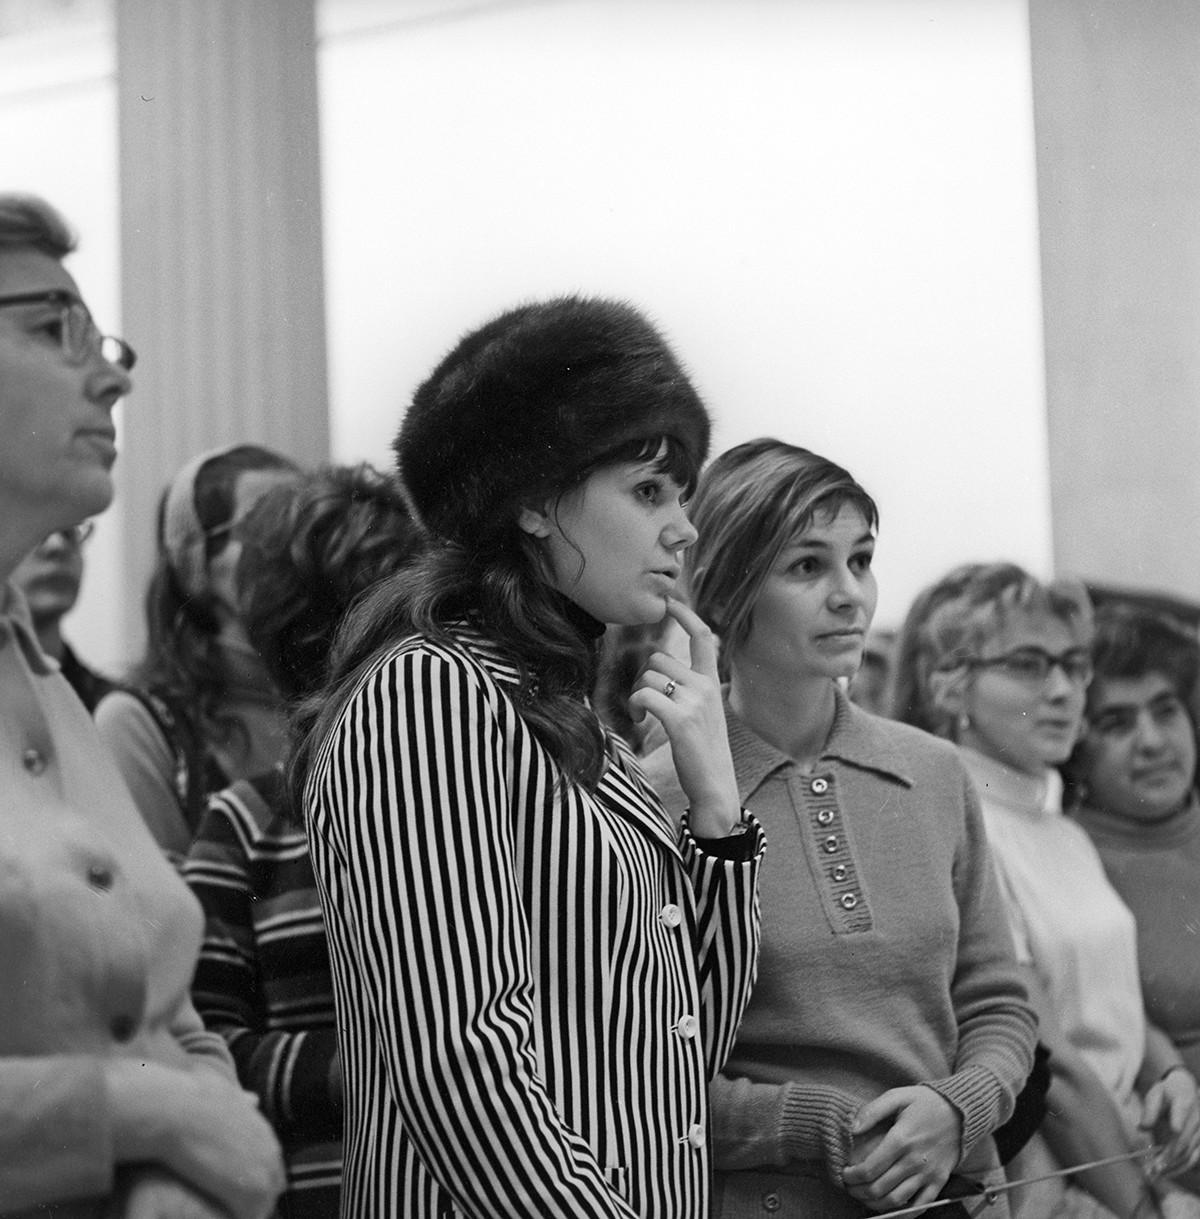 Посетители Государственного музея изобразительных искусств имени А.С. Пушкина. 1972.